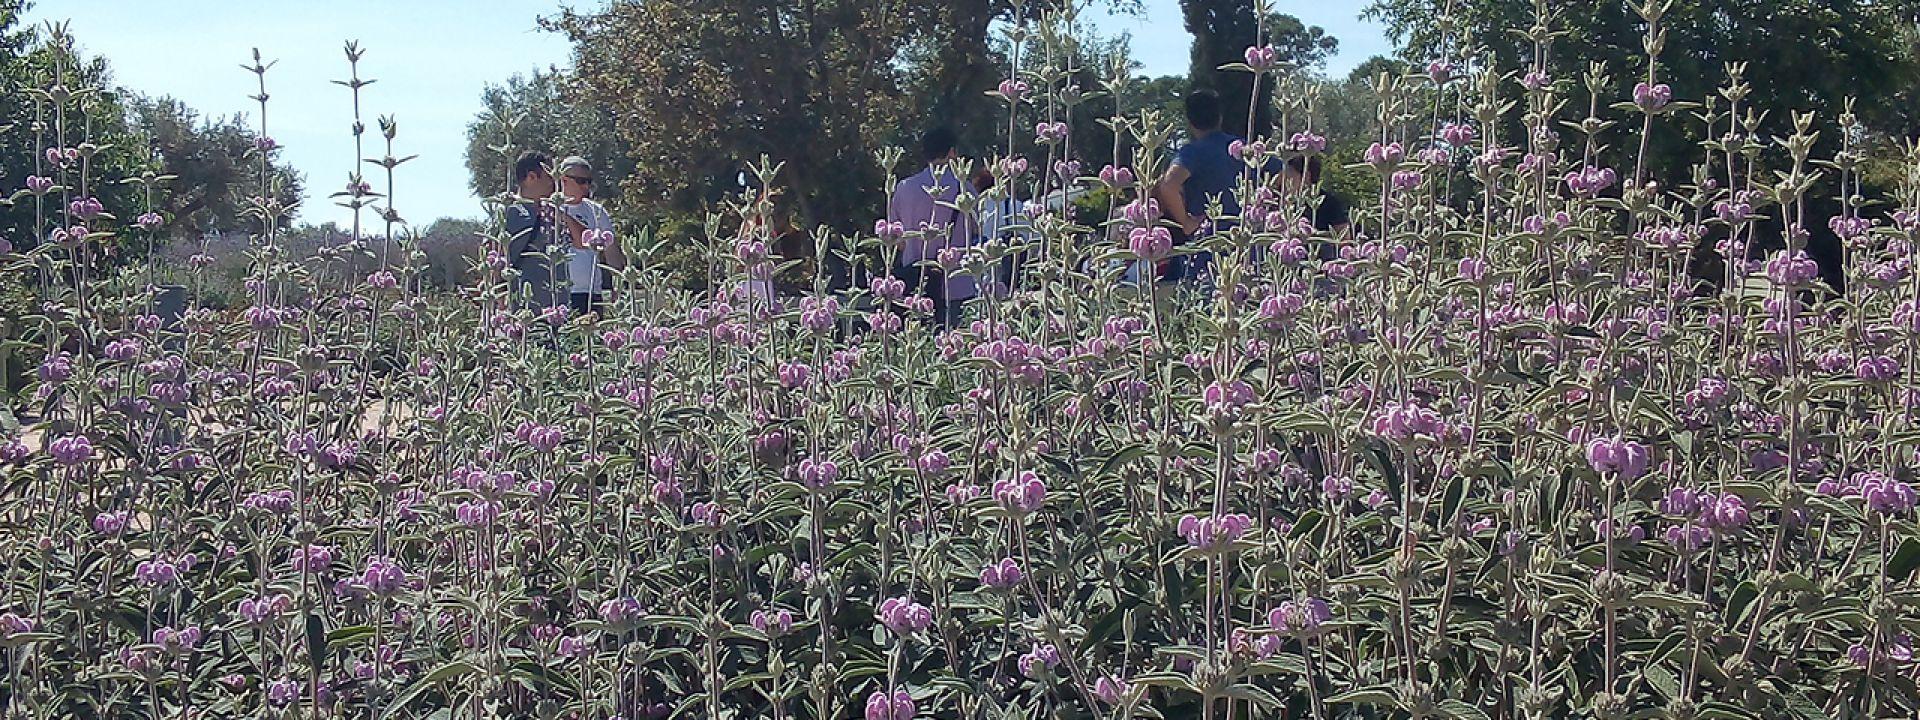 Φωτογραφία από φυτά και λουλούδια του Πάρκου Σταύρος Νιάρχος